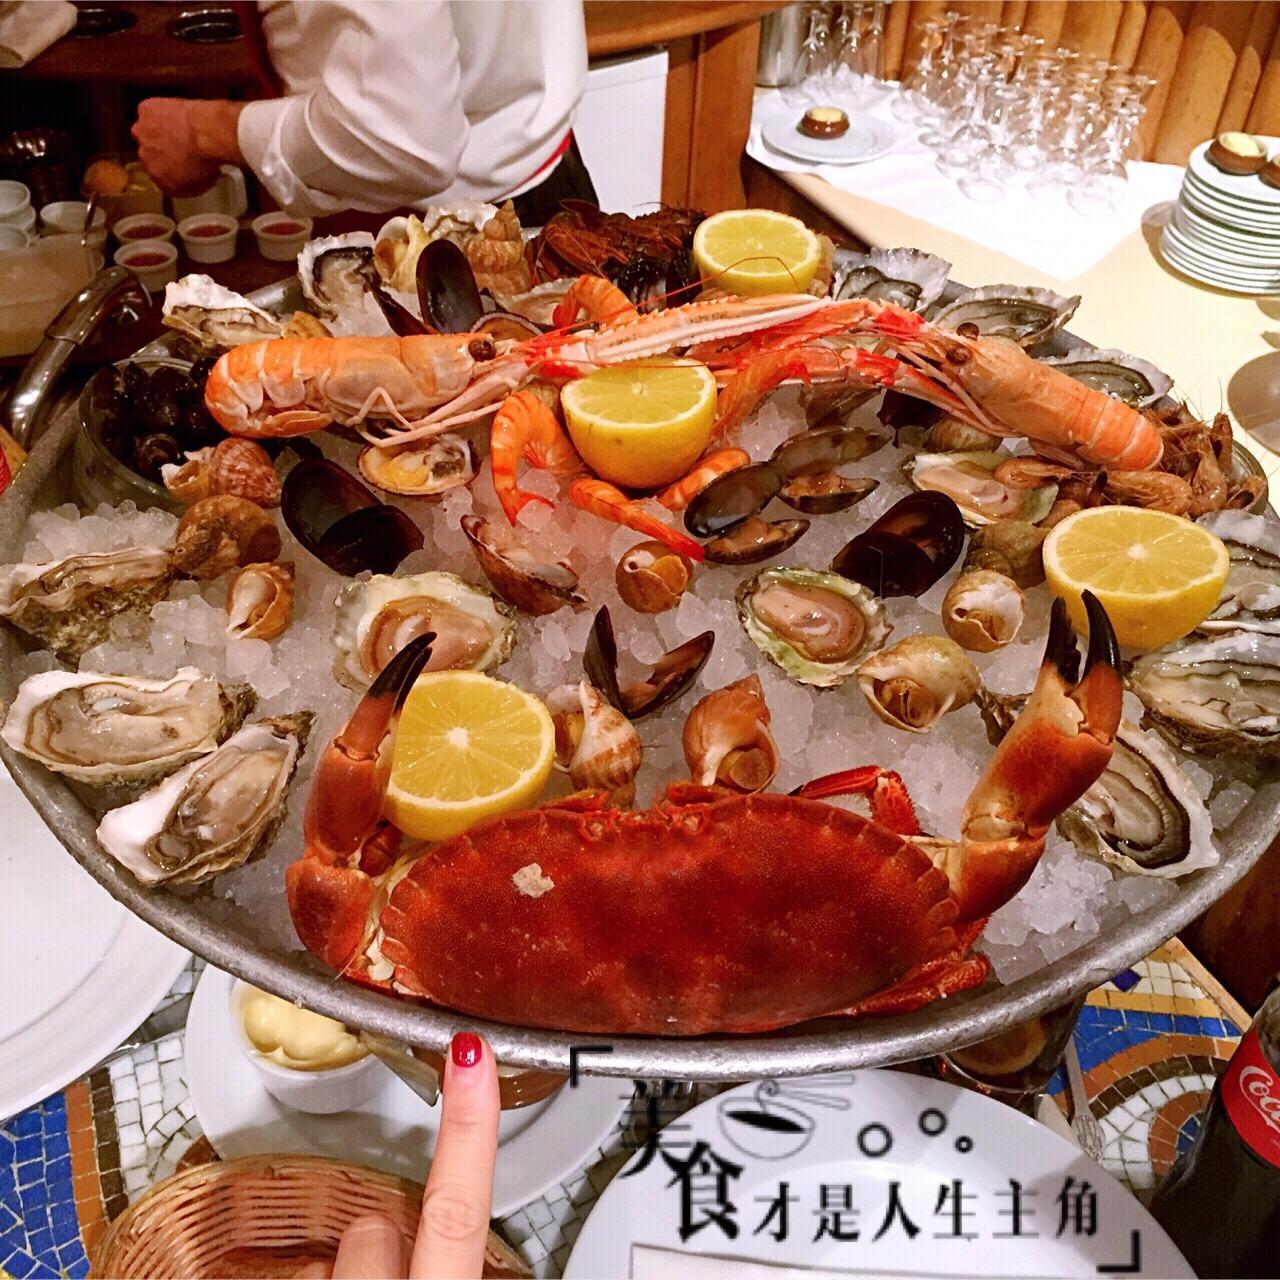 美食记--海鲜大餐--巴黎